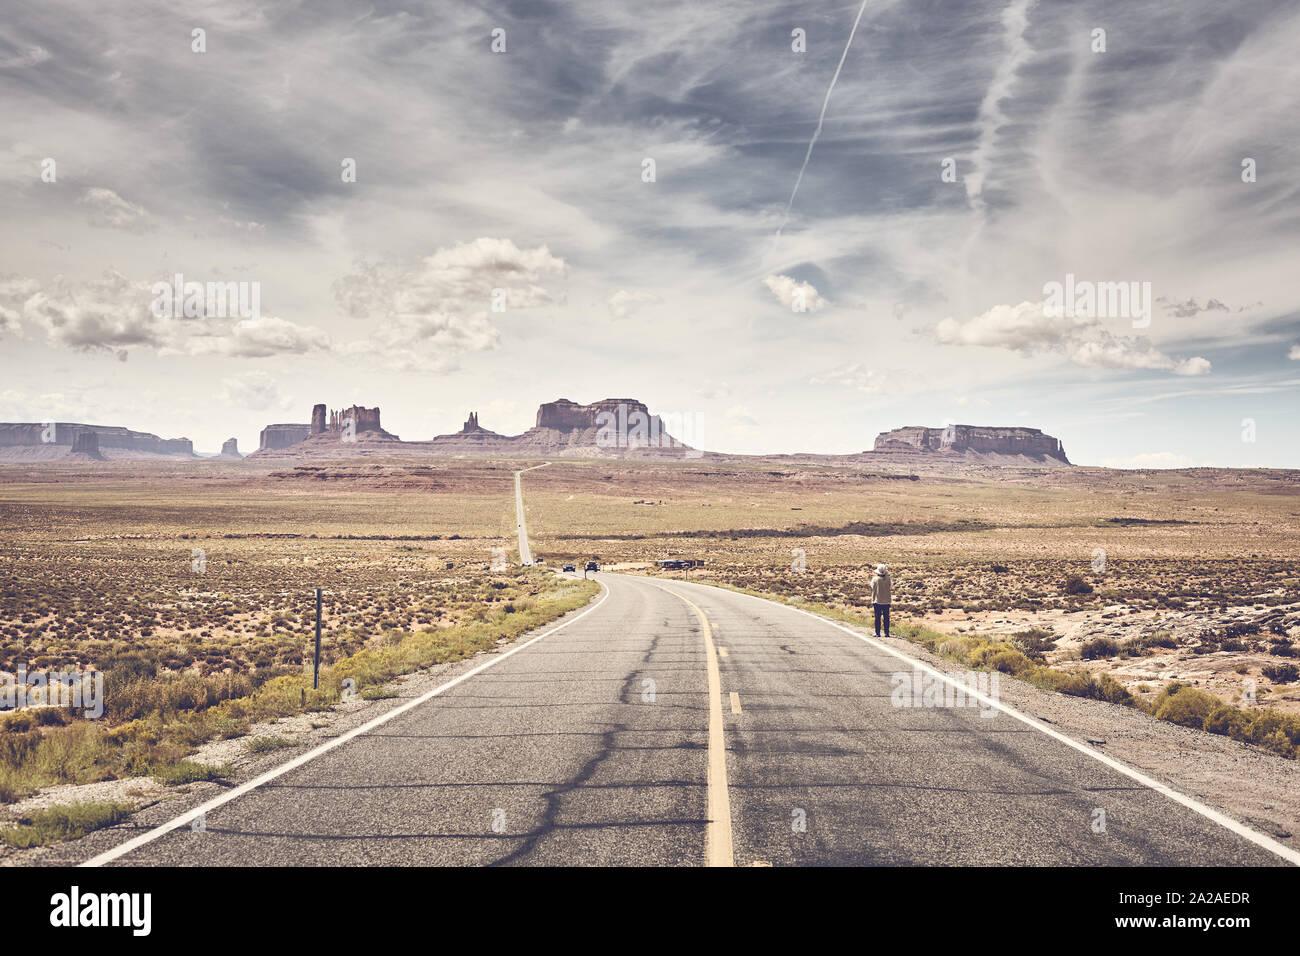 Retro stilisierte Bild von Monument Valley von berühmten U.S. Route 163, Utah, USA gesehen. Stockfoto